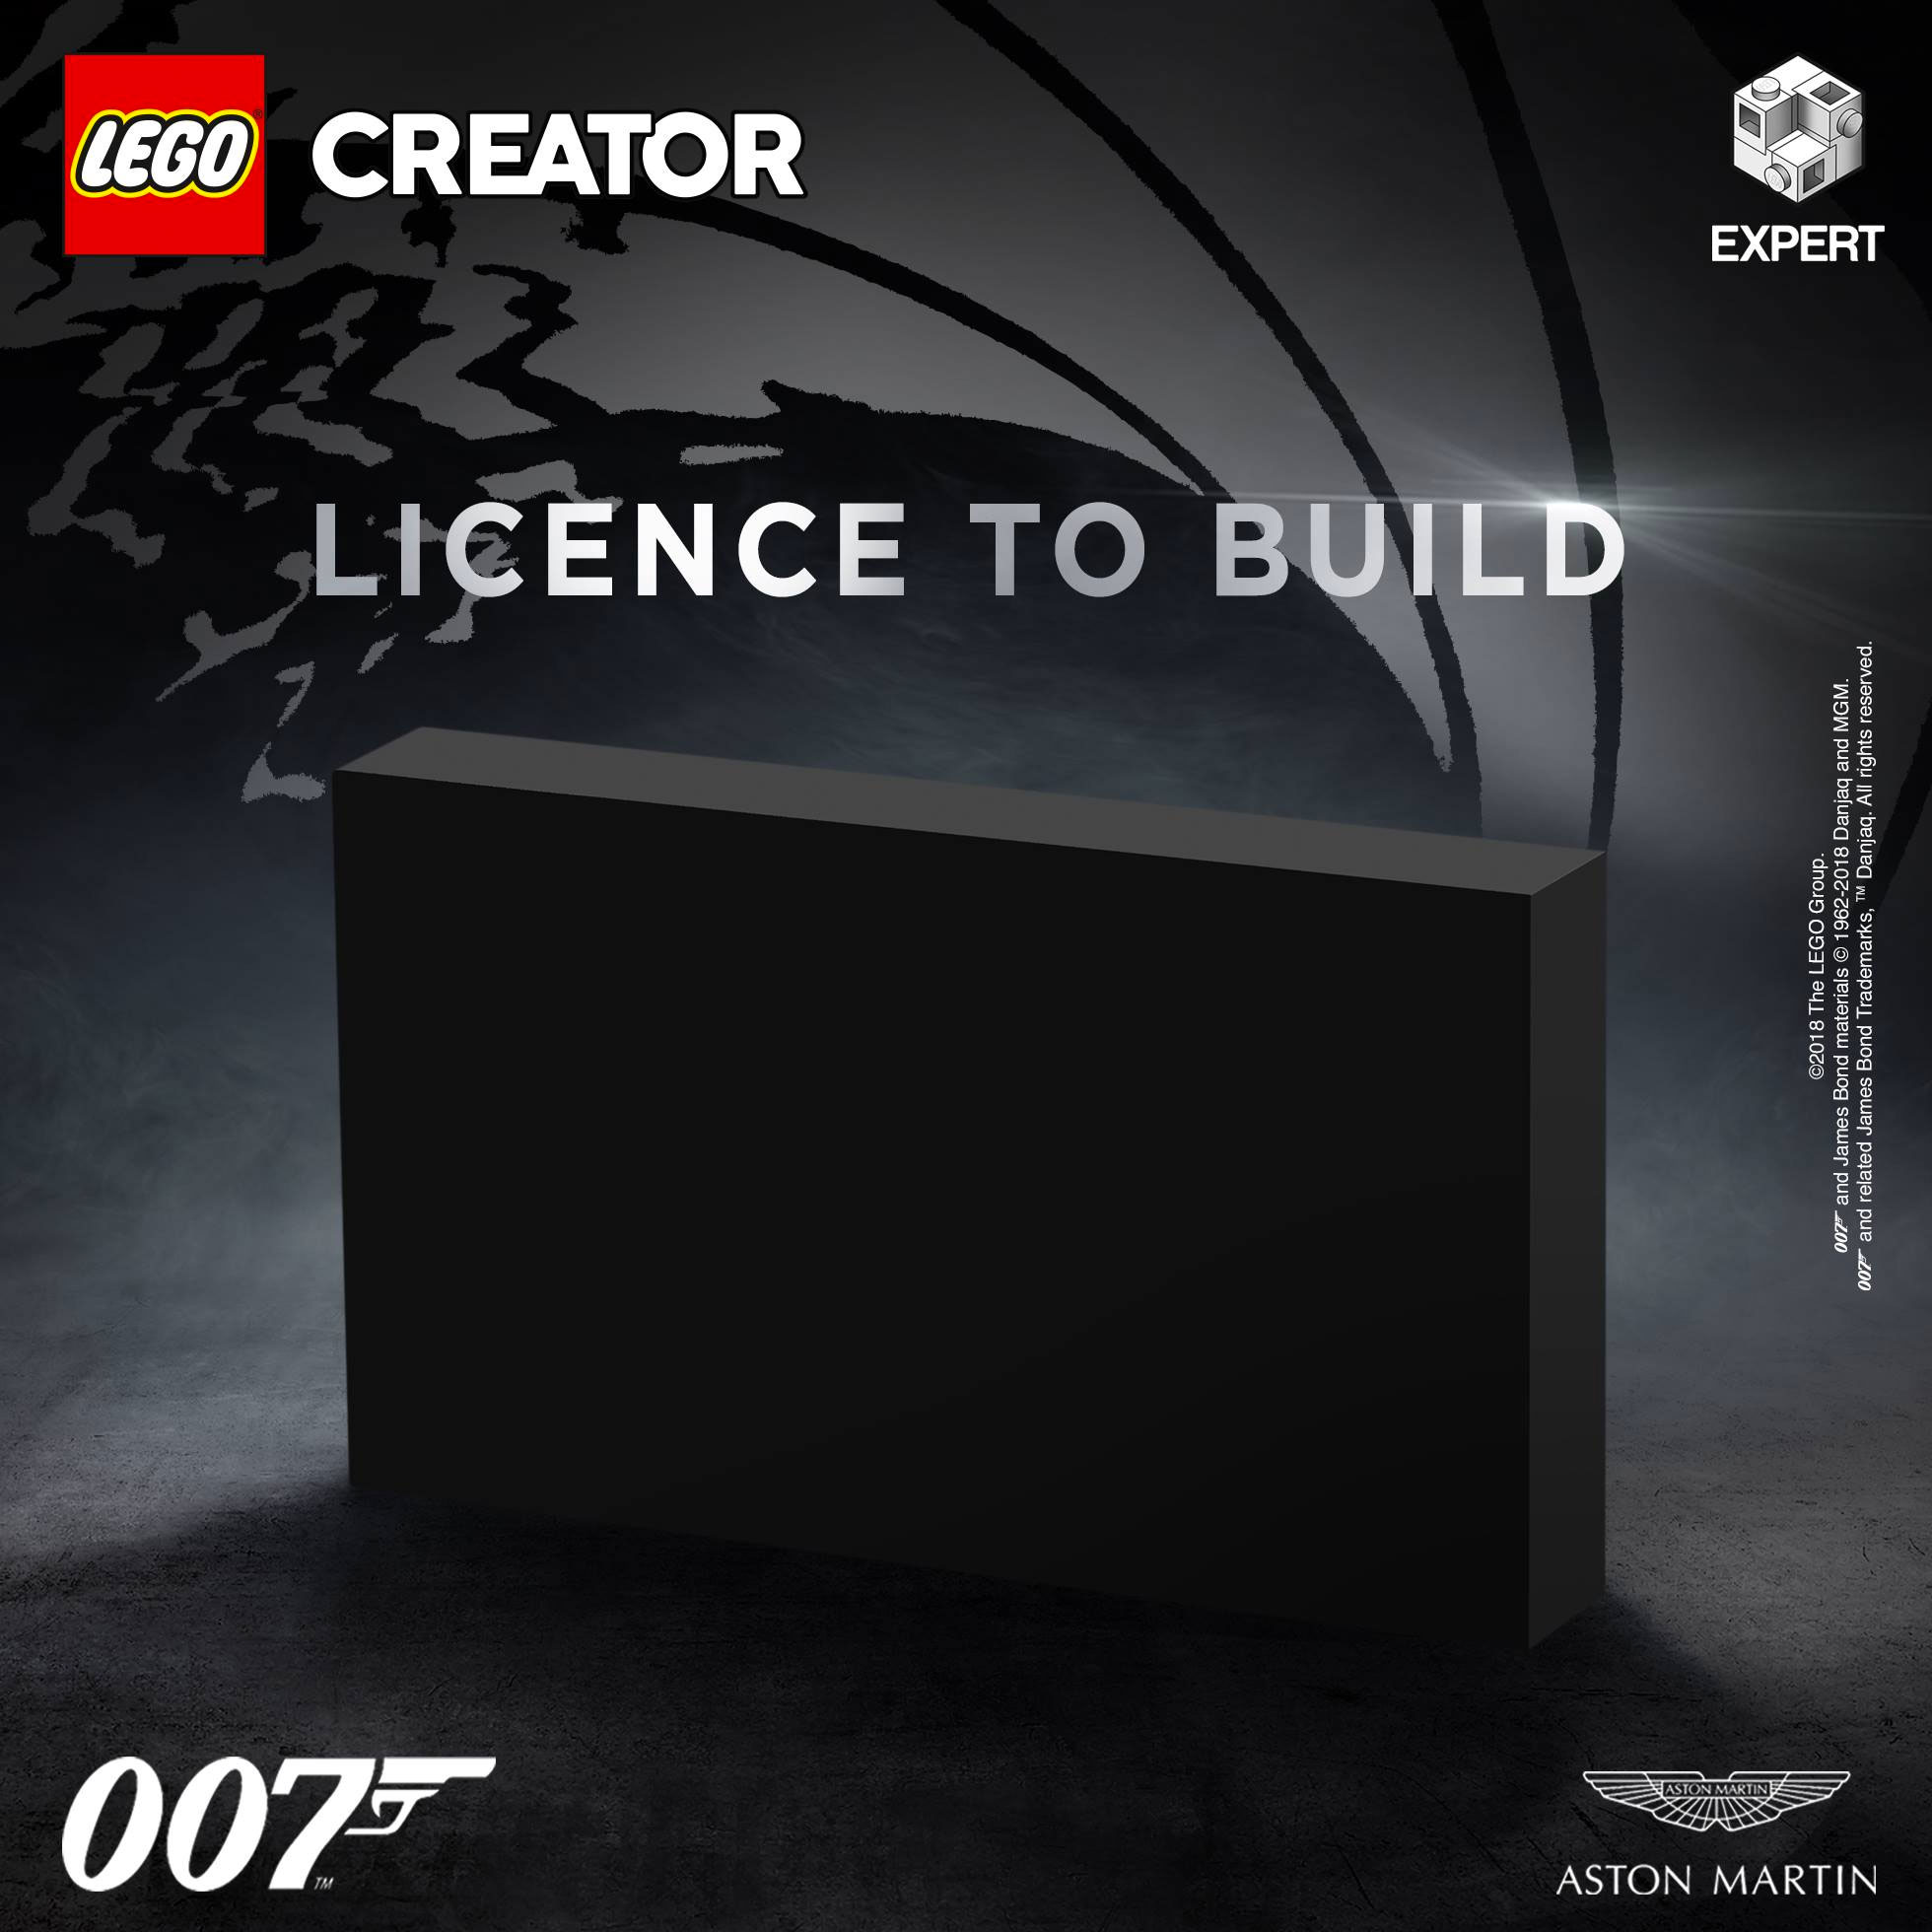 LEGO Creator Expert Aston Martin box teaser